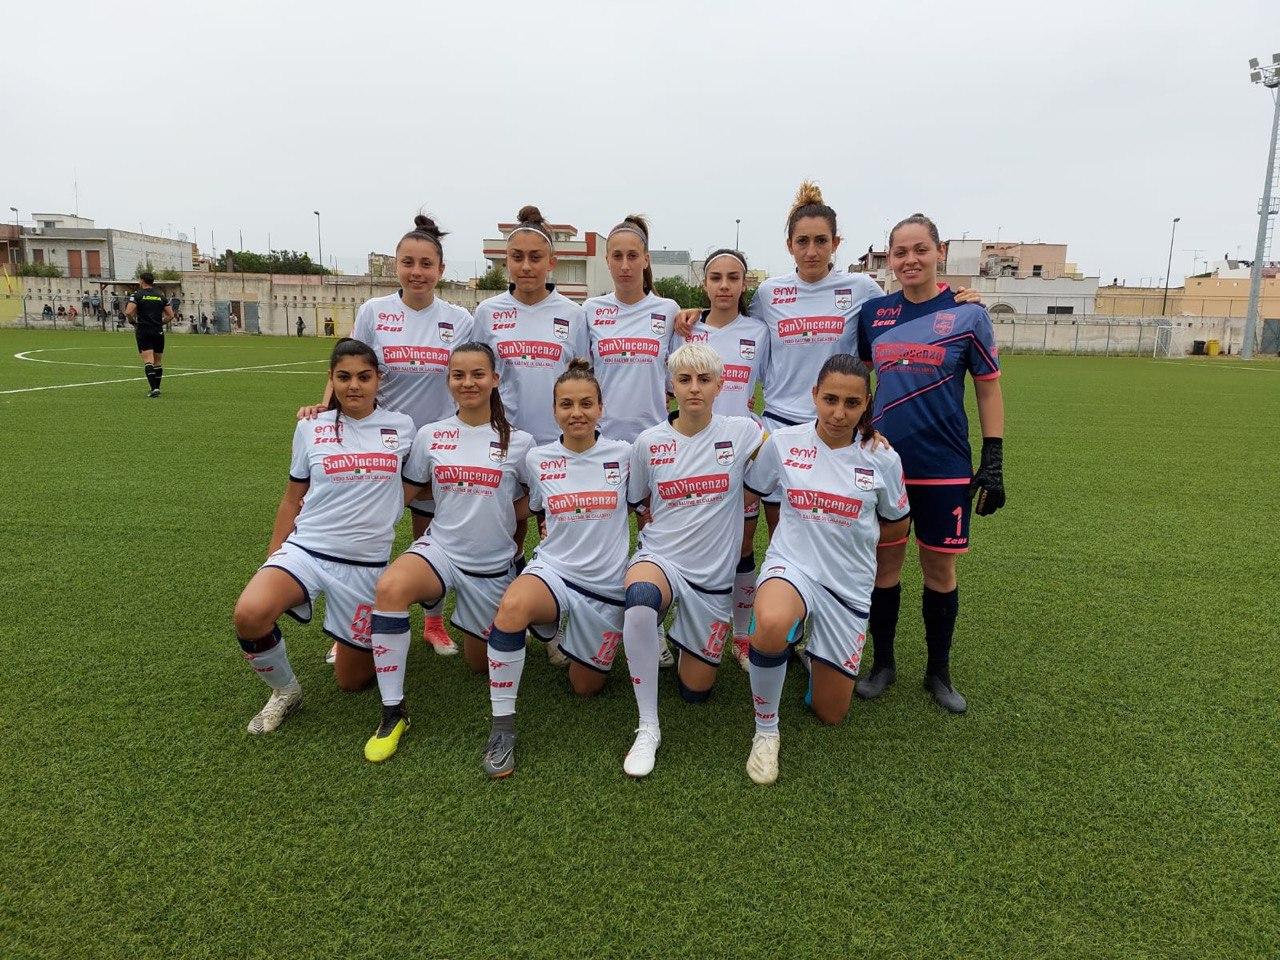 Femminile Serie C, 19ª giornata: Lecce Women-Crotone 2-0